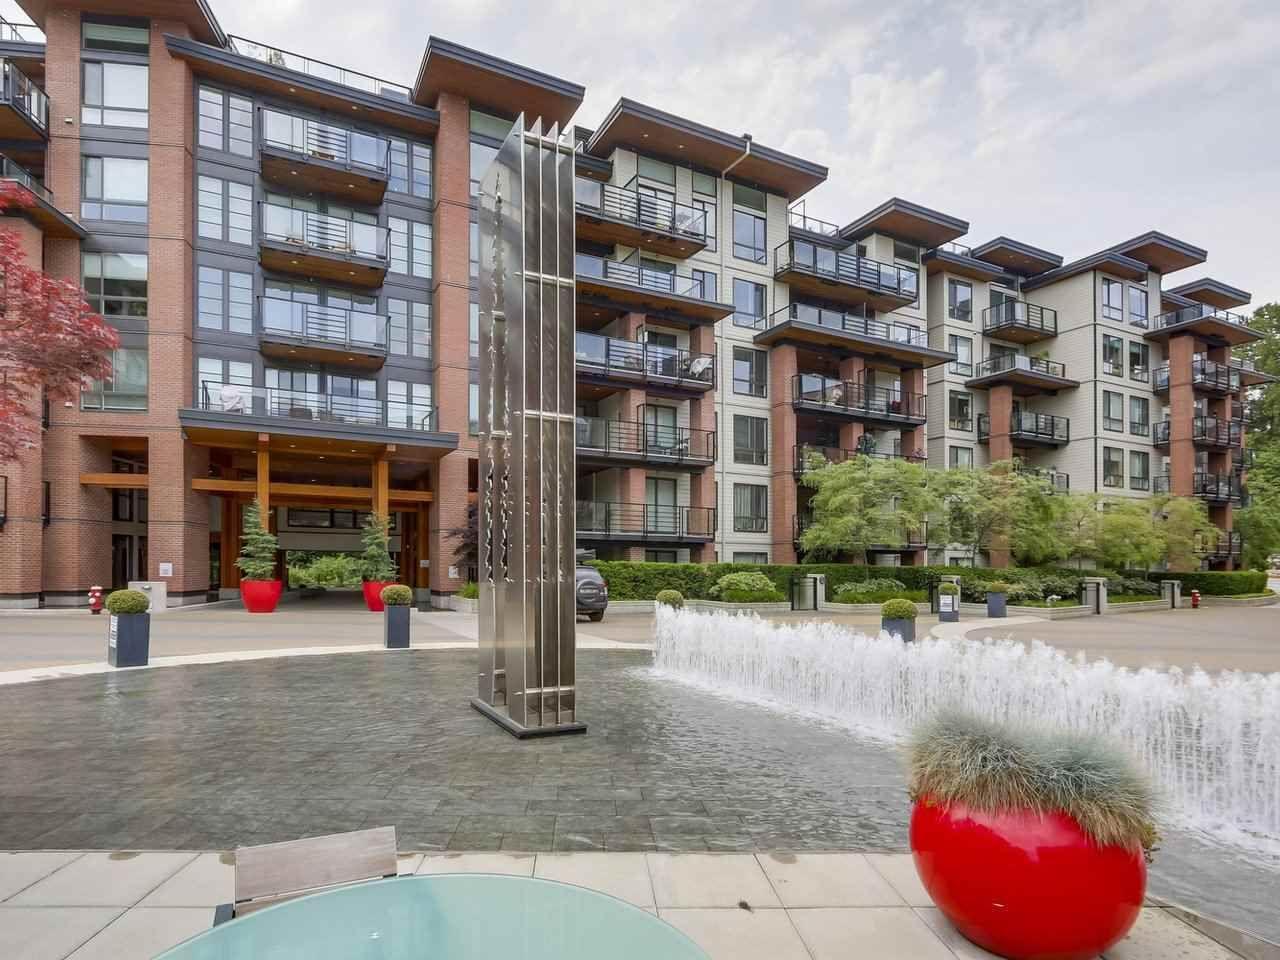 """Main Photo: 513 733 W 3RD Street in North Vancouver: Hamilton Condo for sale in """"The Shore"""" : MLS®# R2285790"""